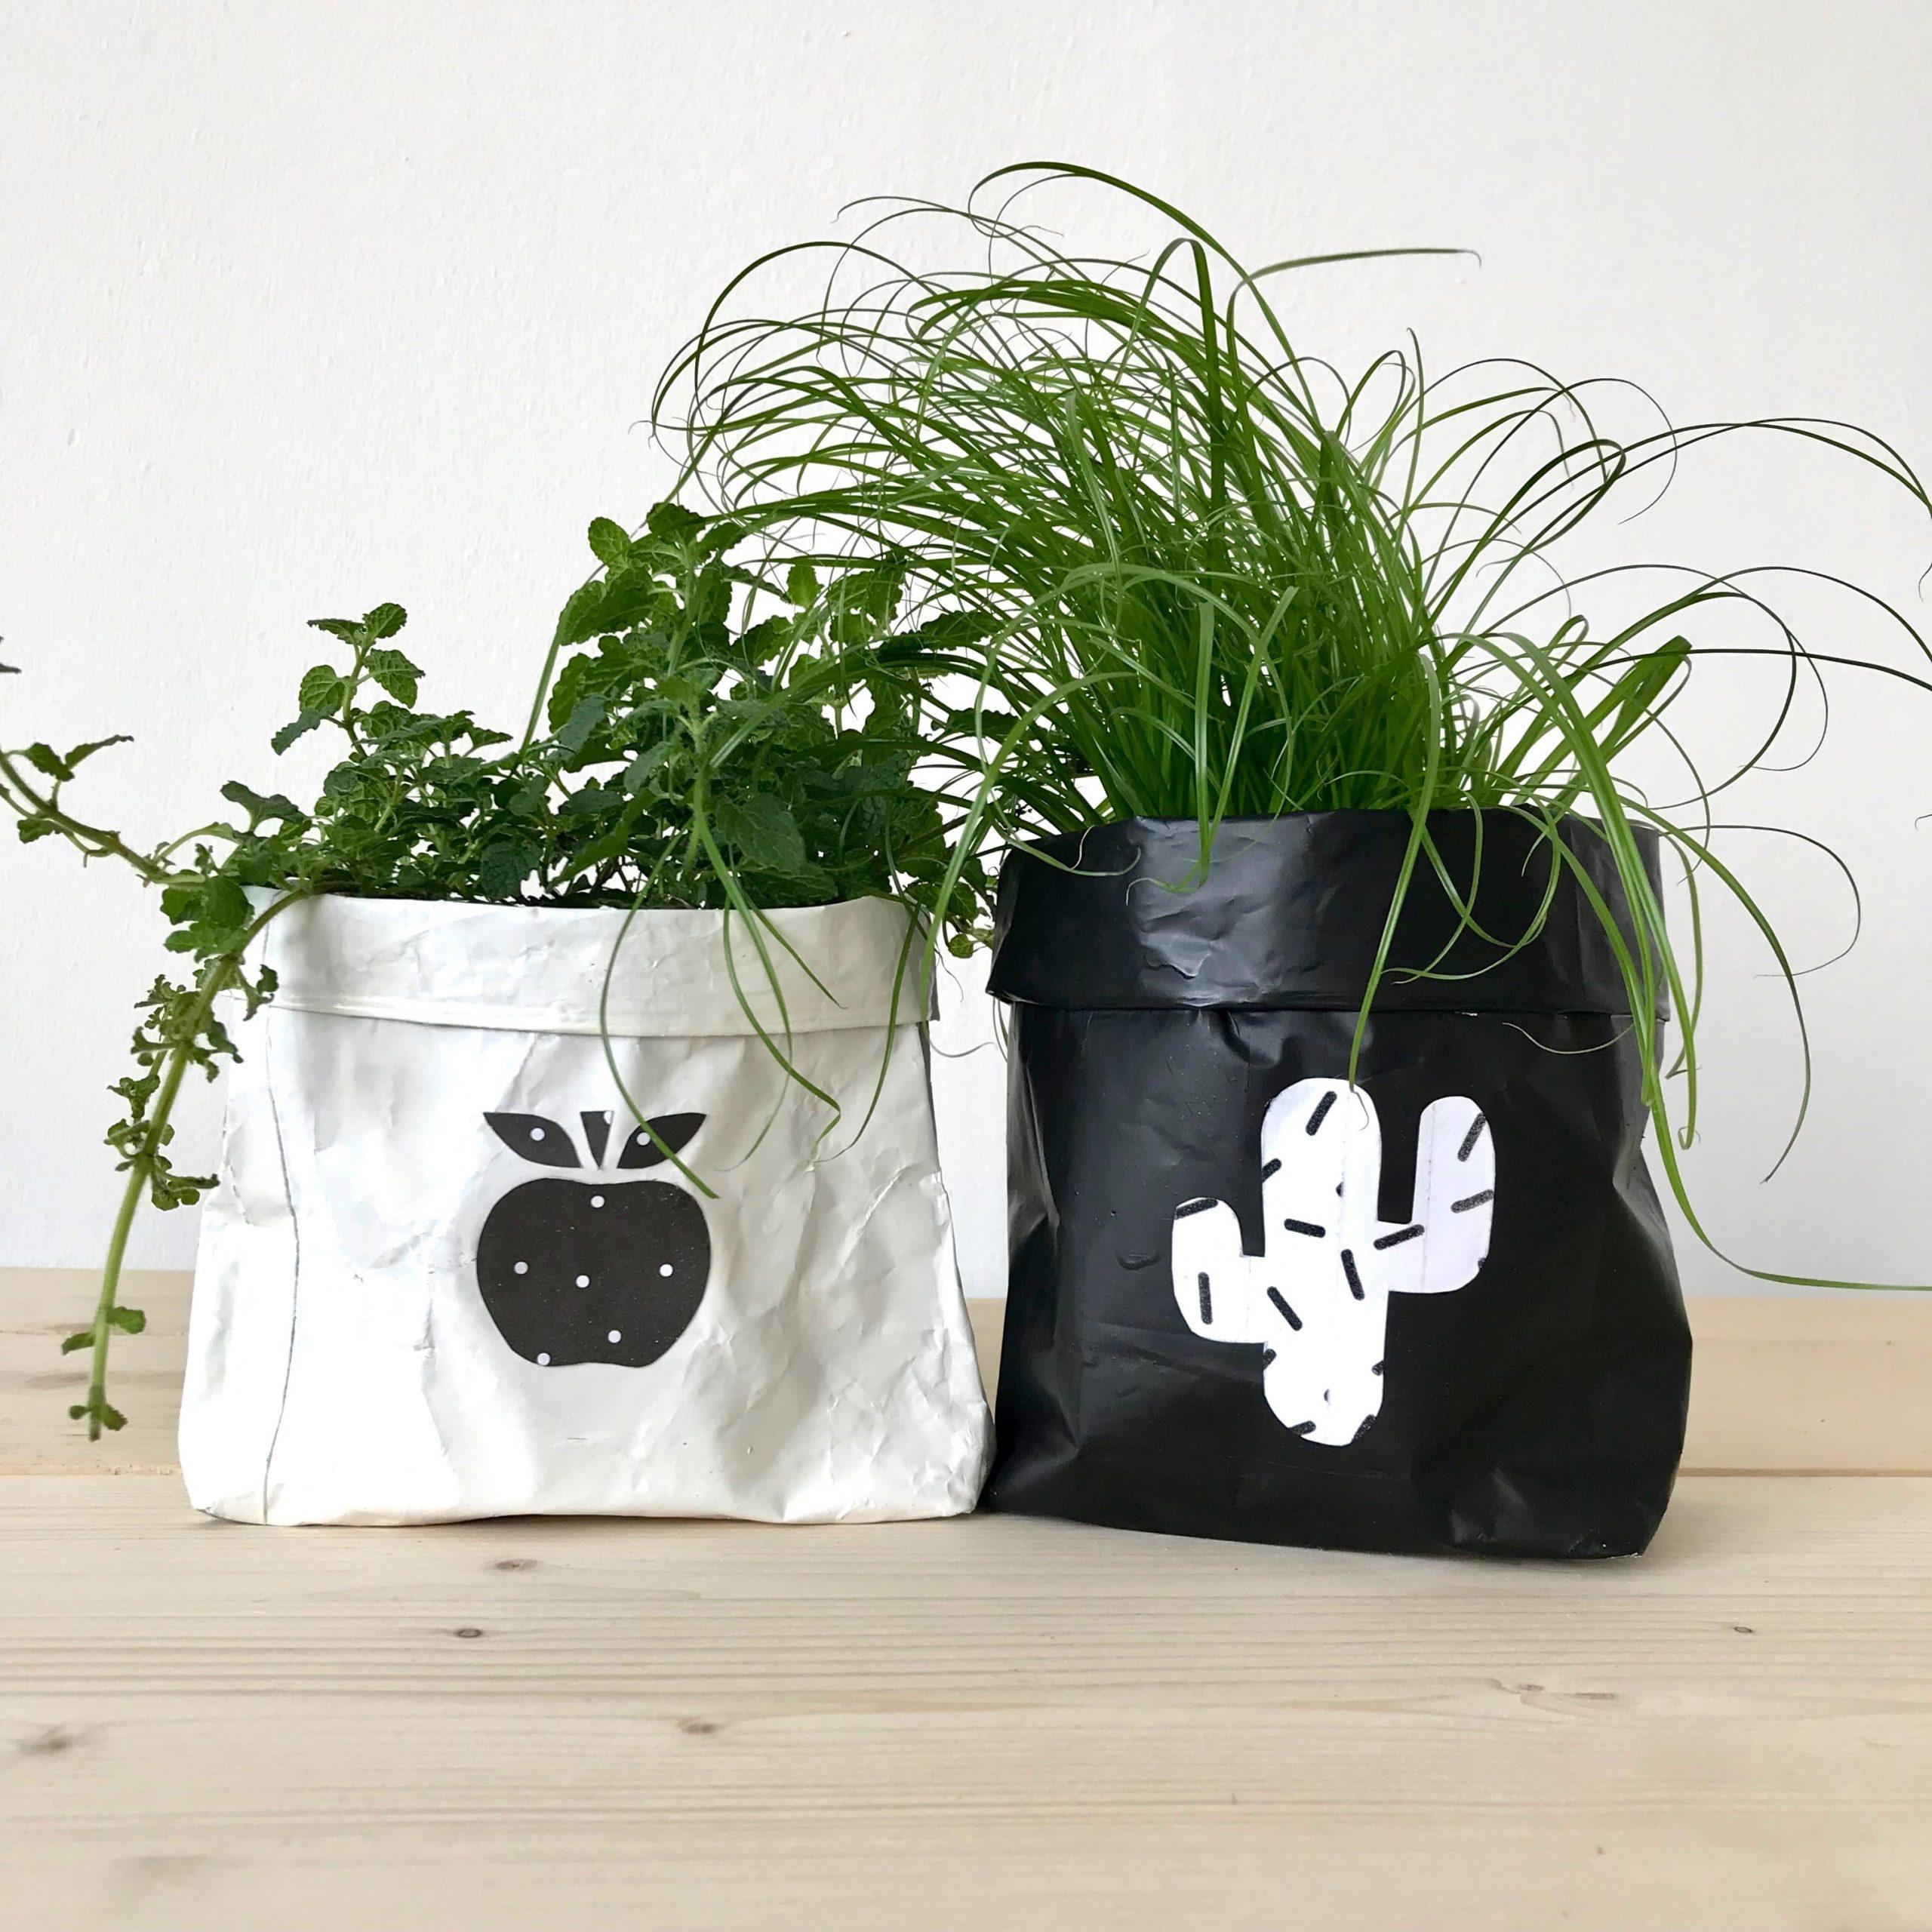 DIY Blumentopf, Upcycling für Muttertag zum selber machen